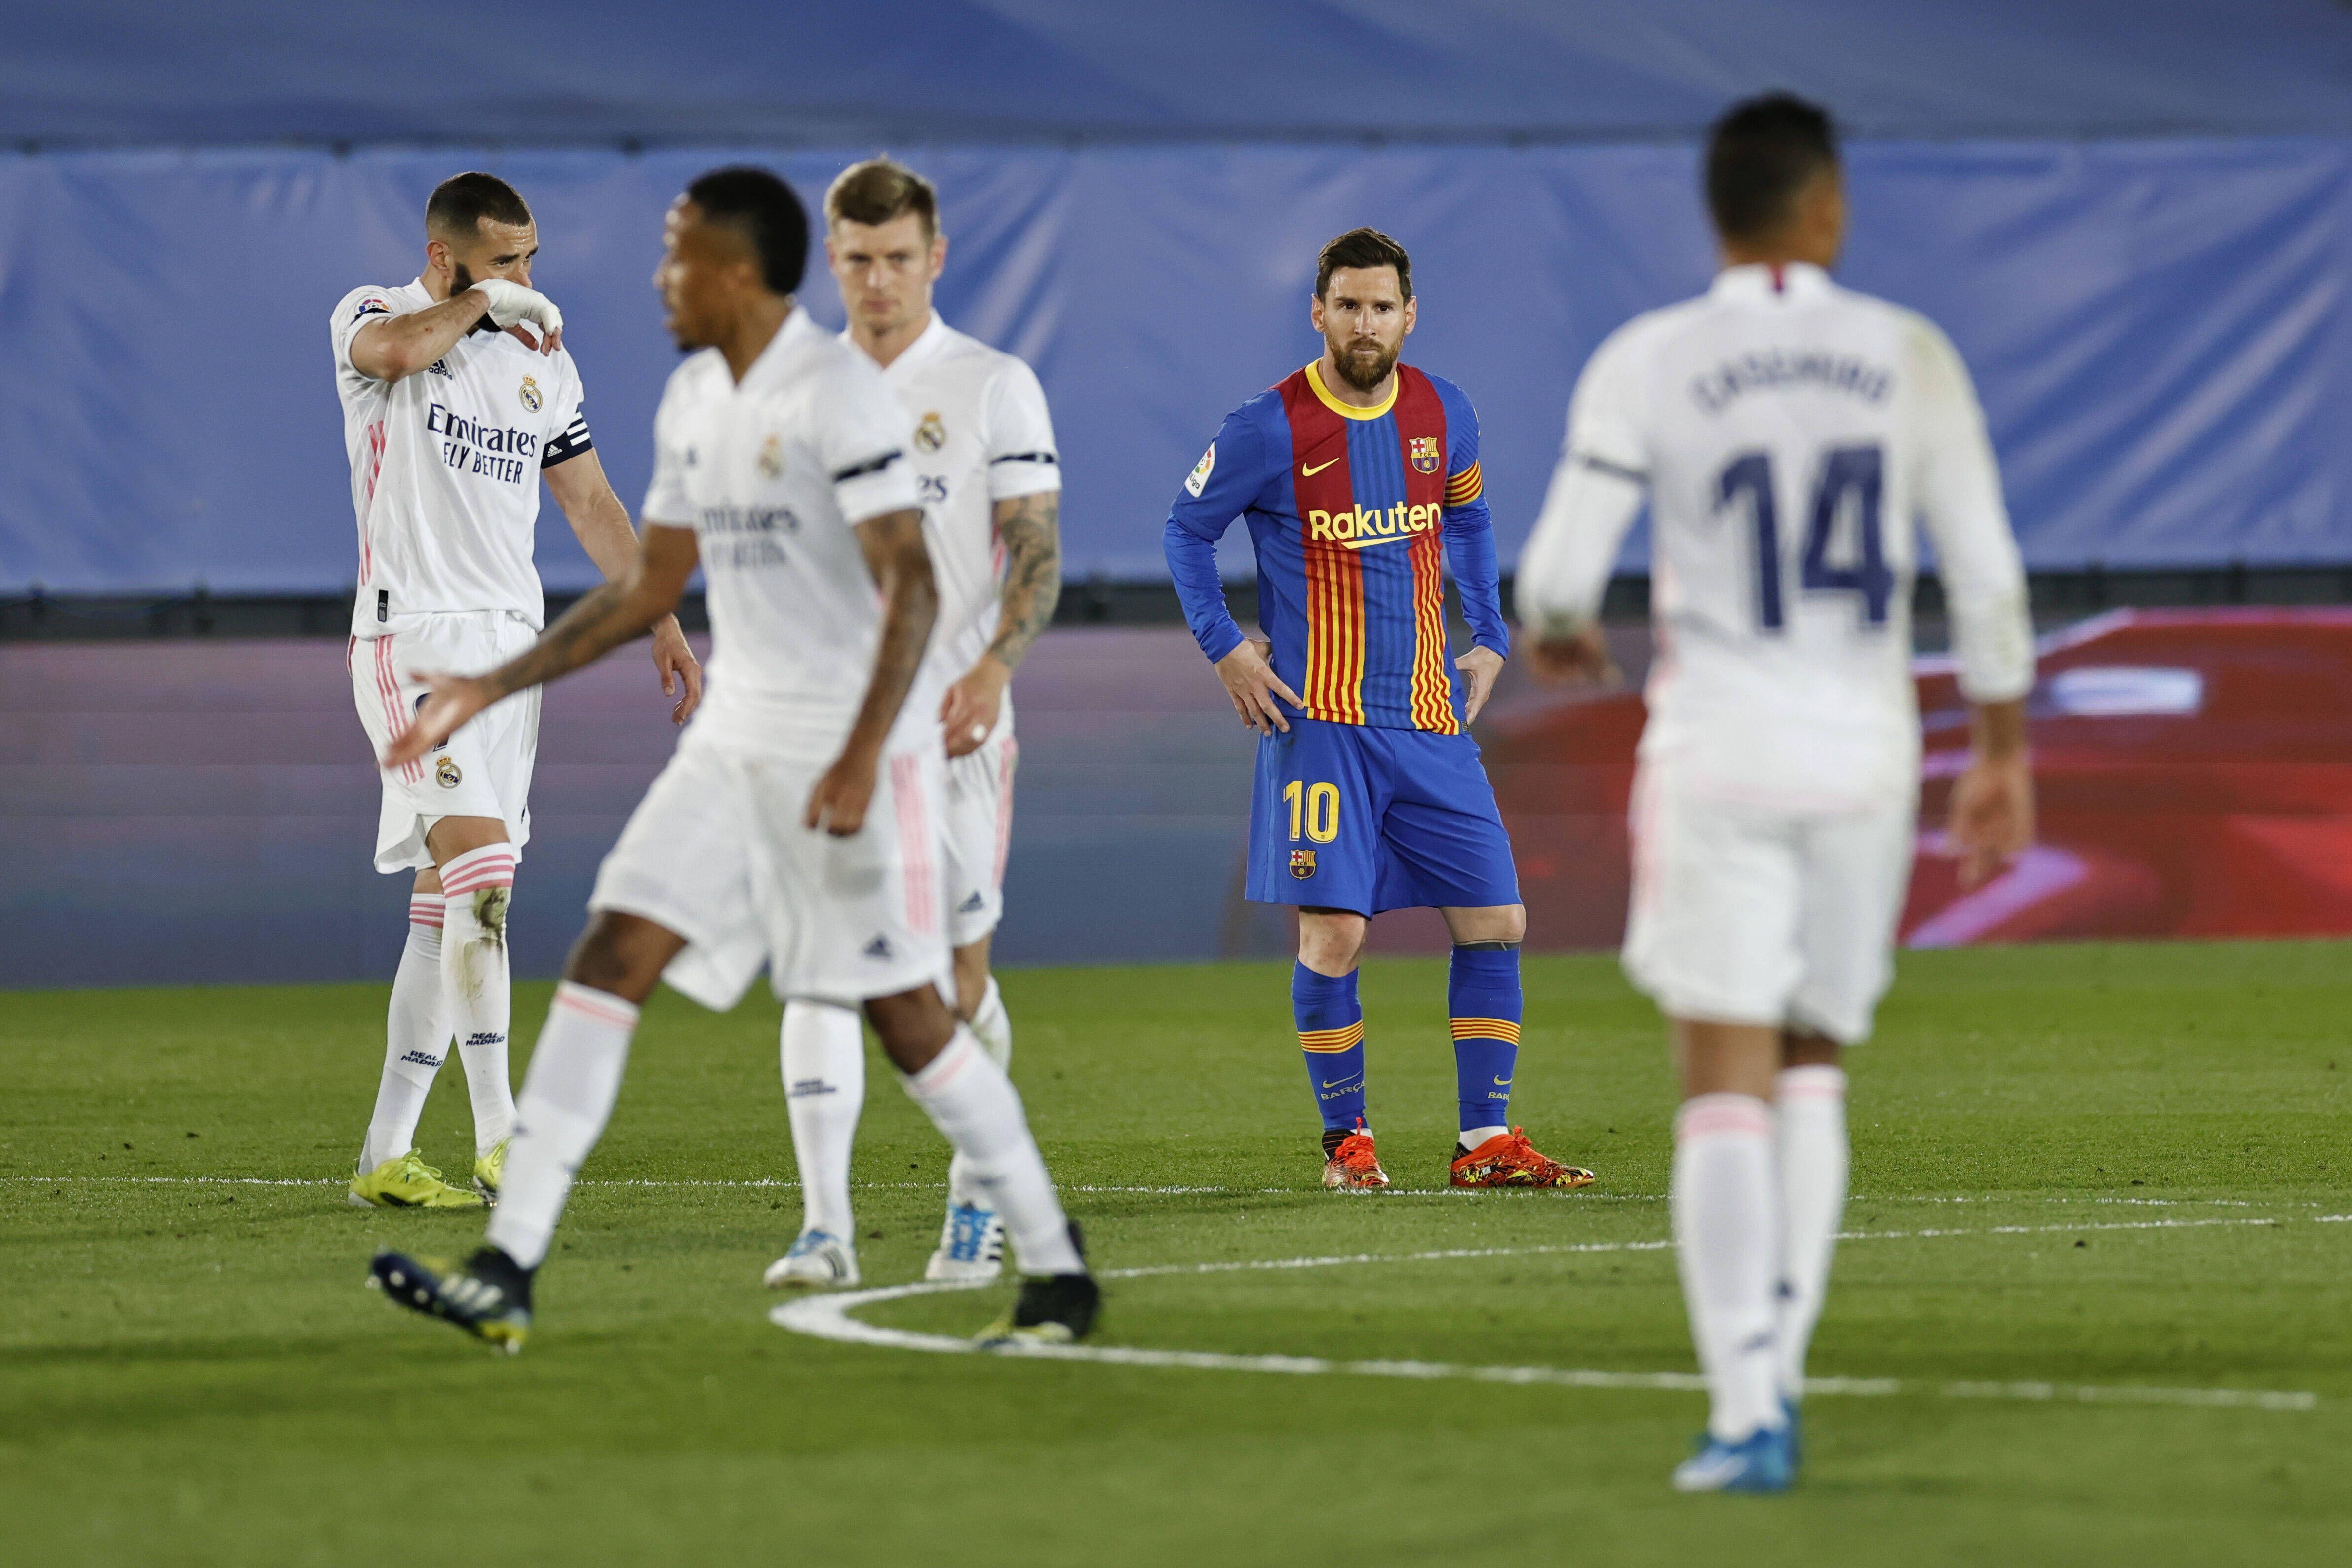 Как 'Реал' переиграл 'Барселону' в 'эль-класико' - 2:1: все голы матча. ВИДЕО